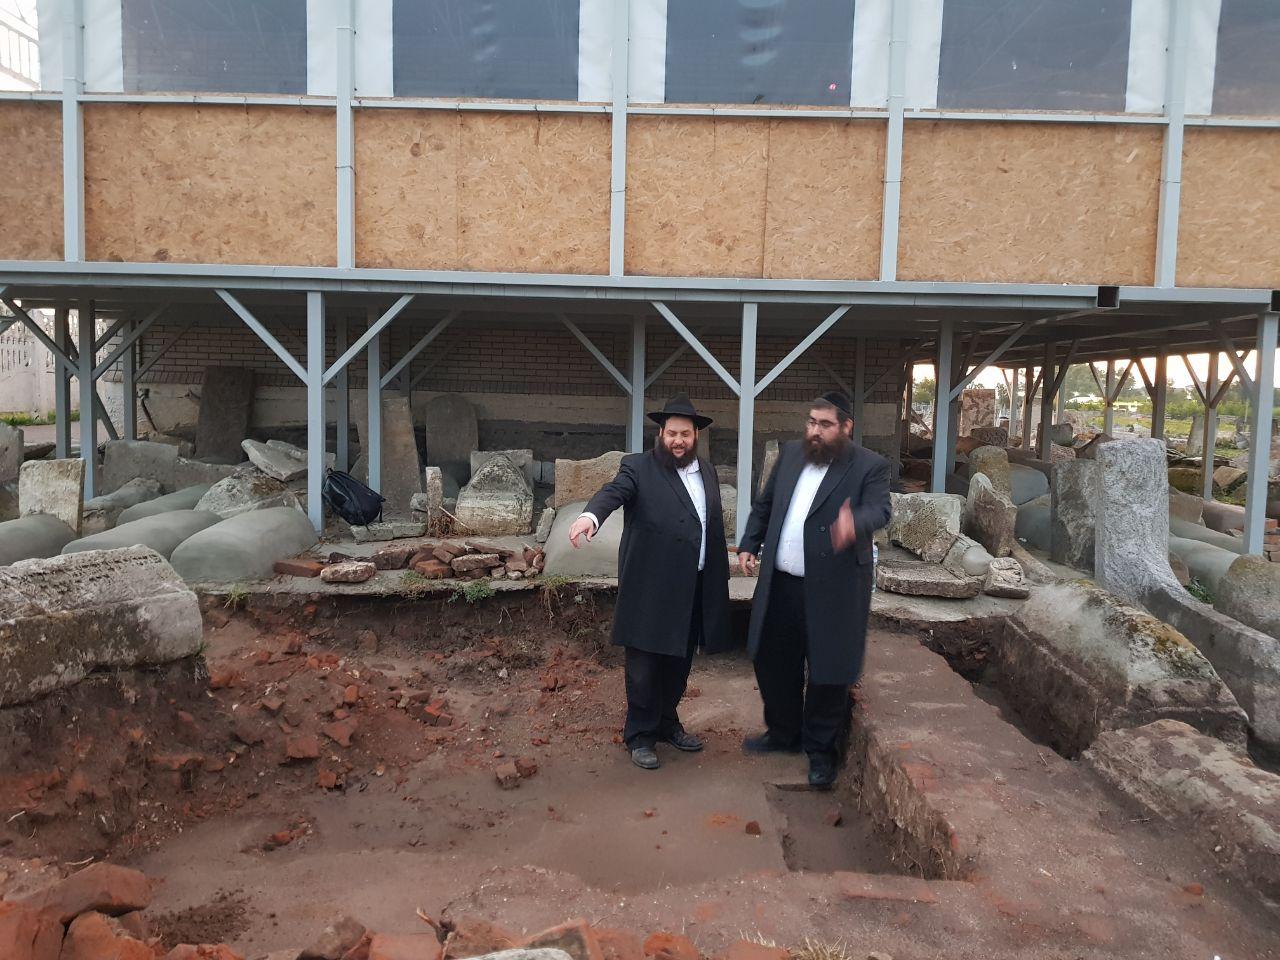 גילוי מרעיש ומרעיד בבית הקברות בברדיטשוב